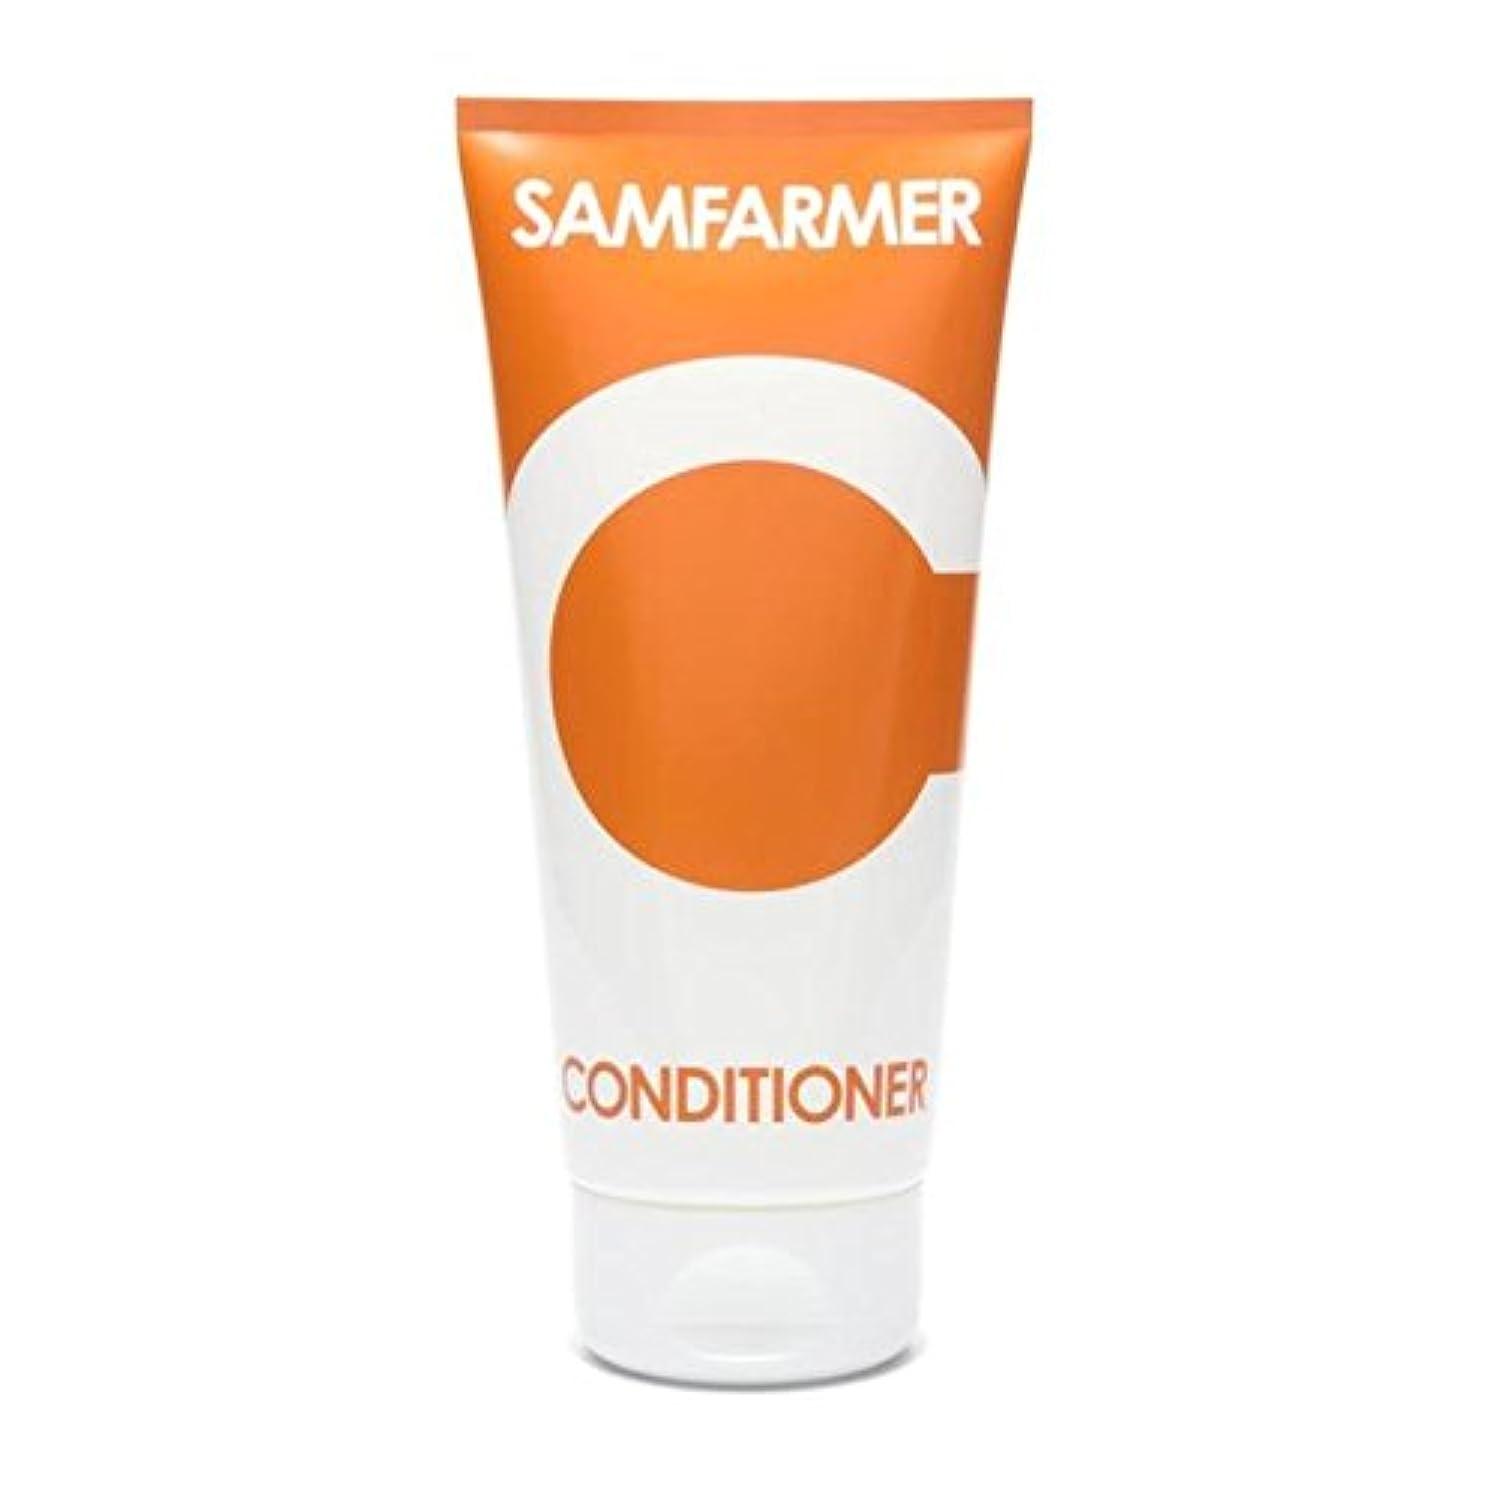 反射飲食店器具SAMFARMER Unisex Conditioner 200ml (Pack of 6) - ユニセックスコンディショナー200 x6 [並行輸入品]